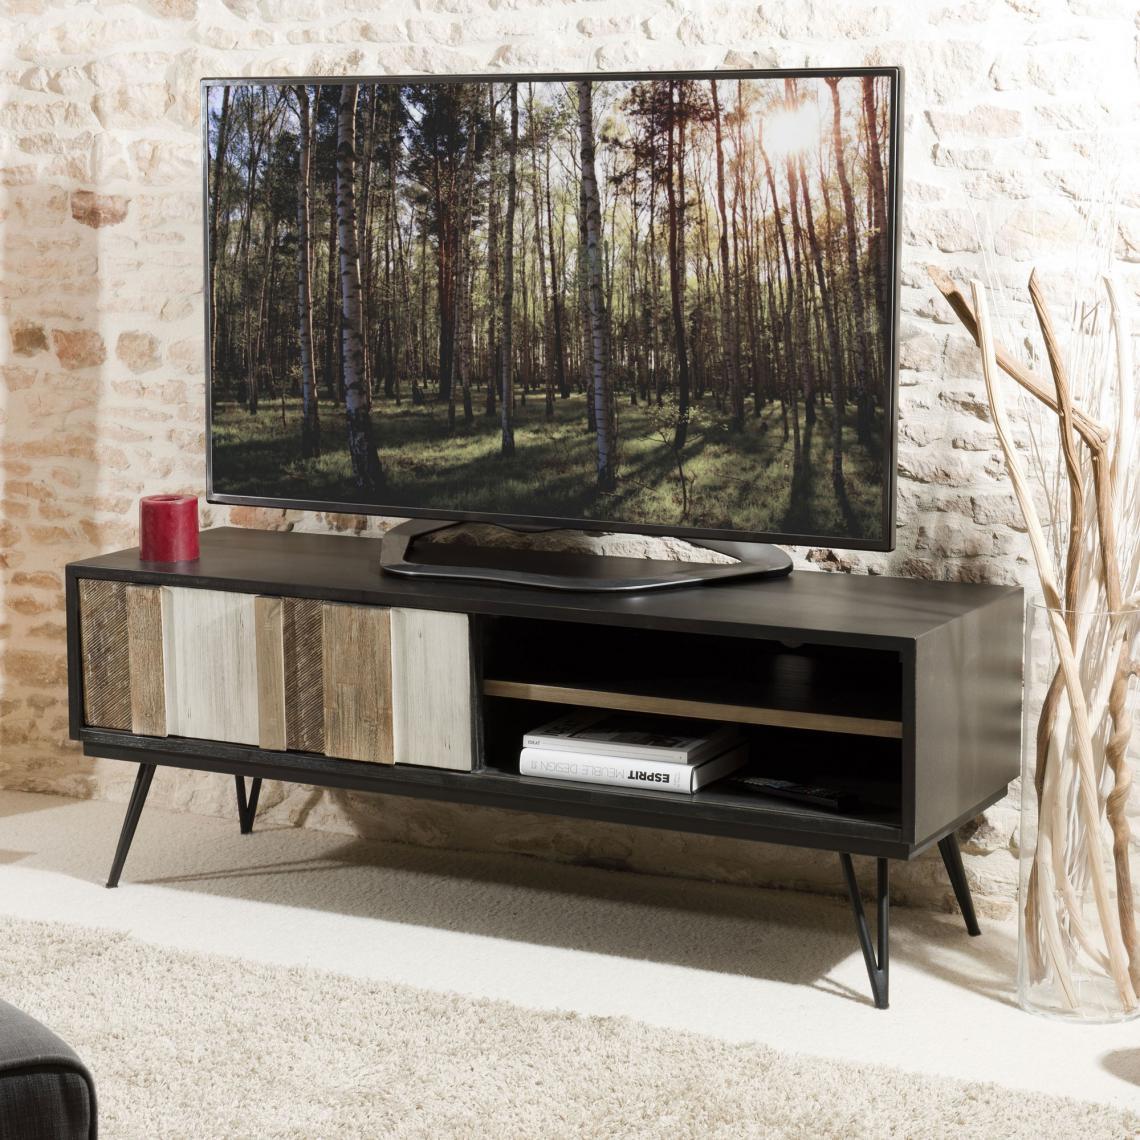 Meuble tv 1 porte coulissante 2 niches pieds pingle style industriel multicolore 3 suisses - 3 suisses meuble tv ...